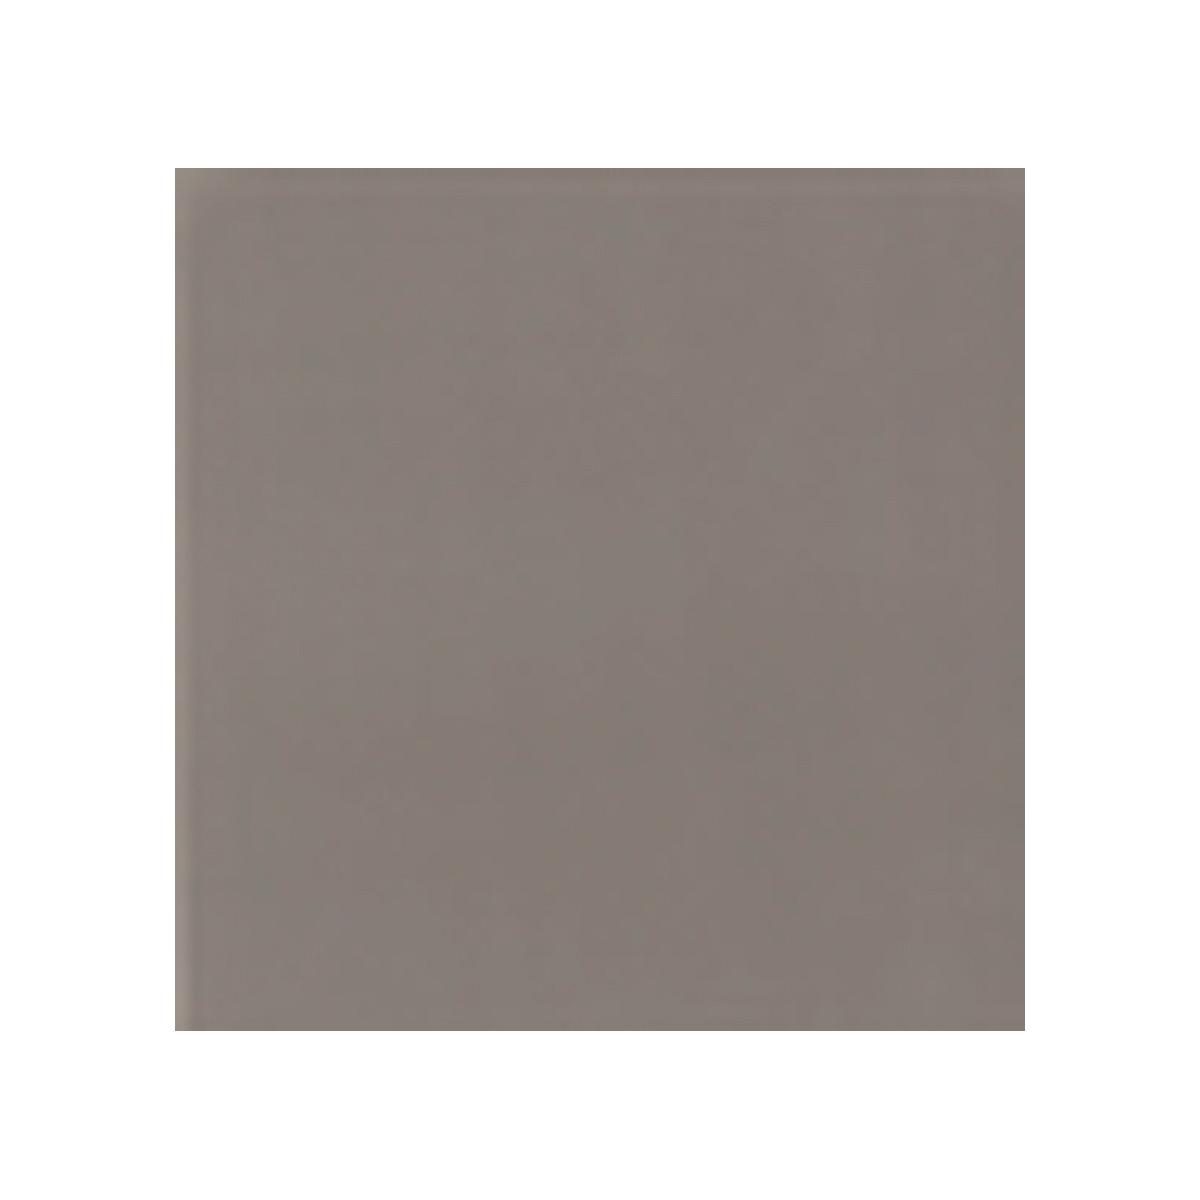 Color gris perla mate - Colección Colores Mate - Marca Mainzu